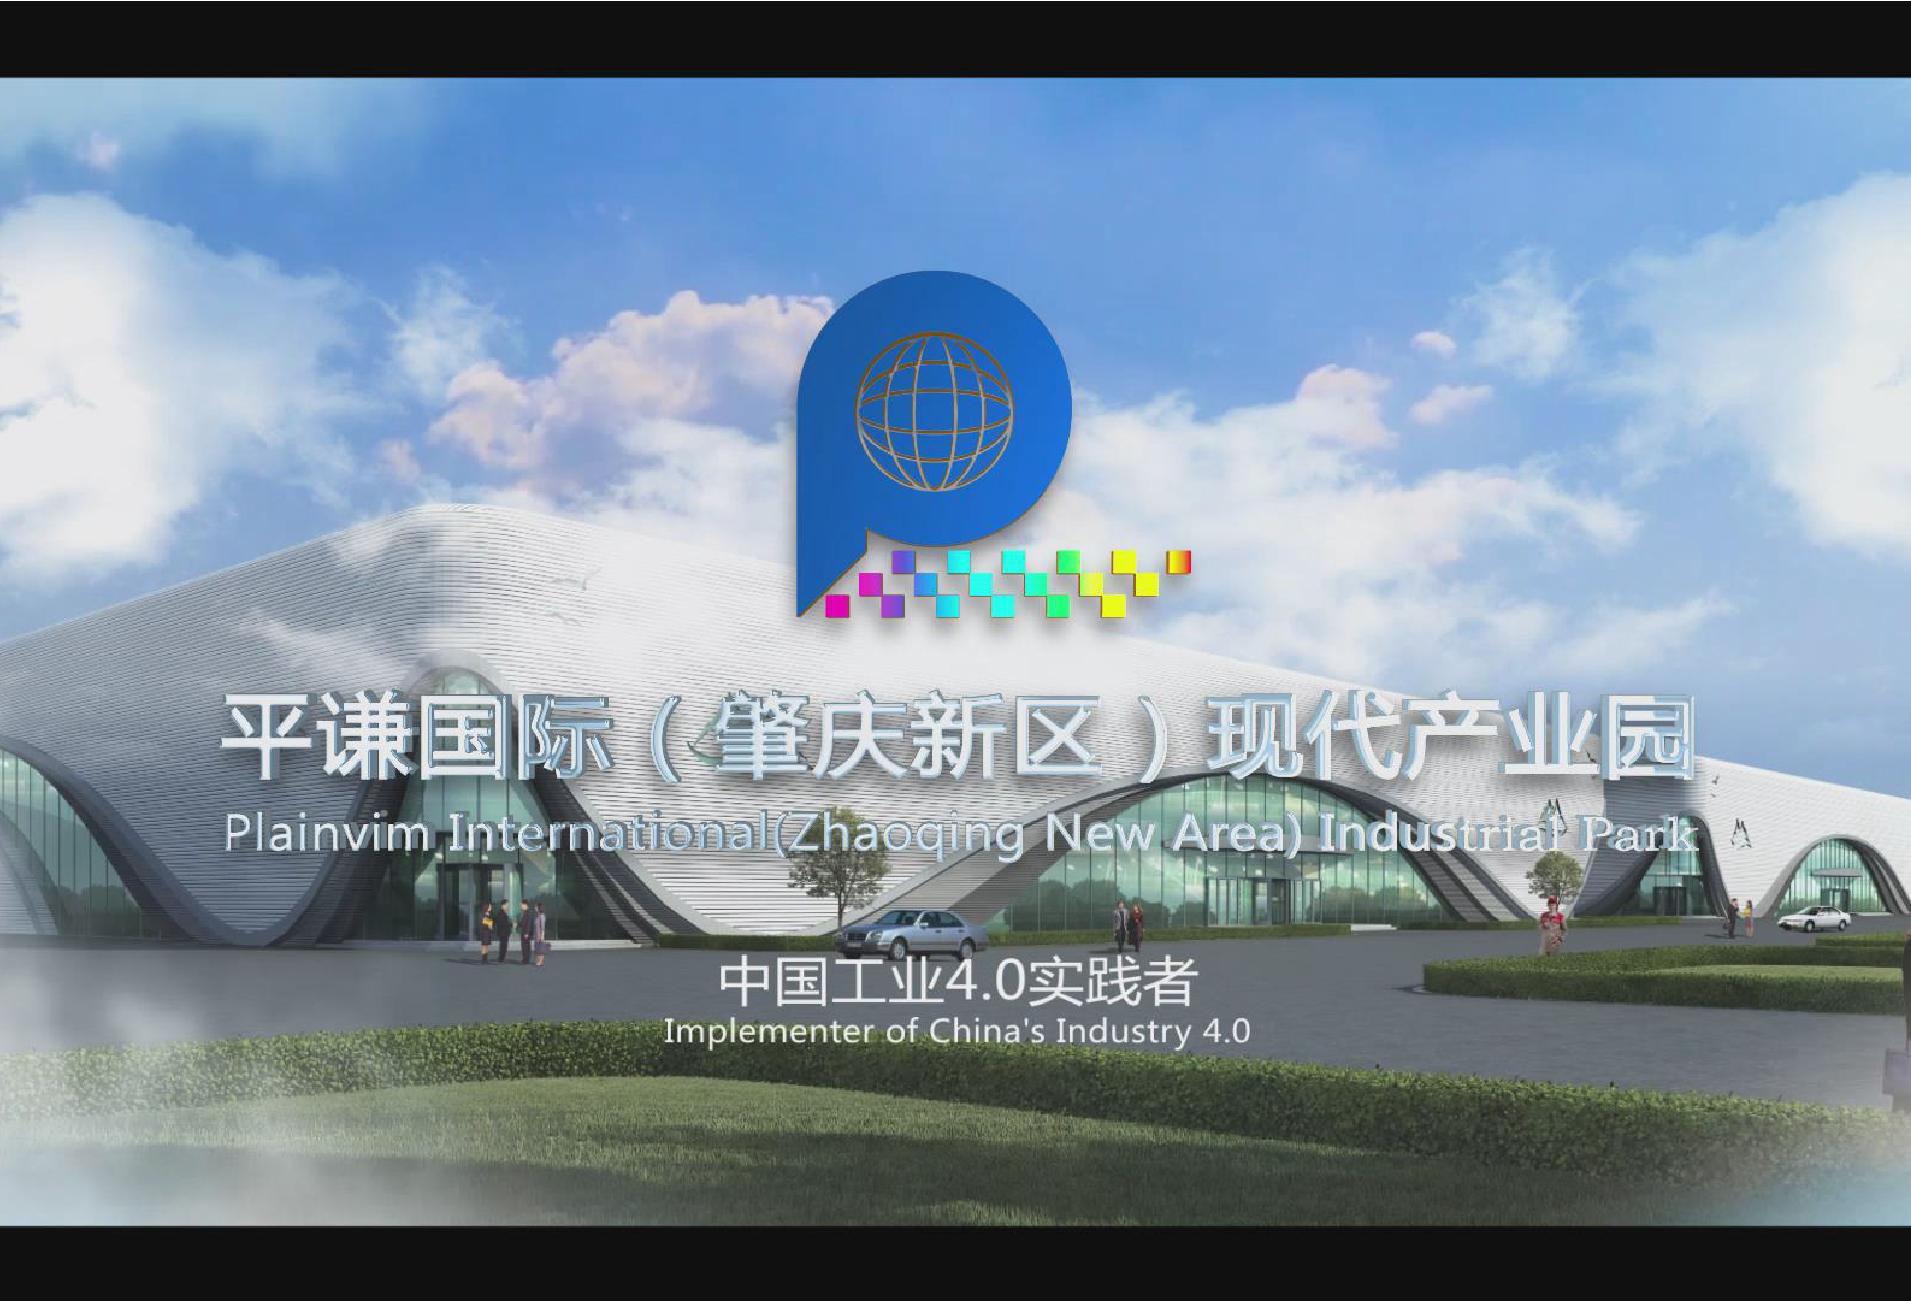 视觉动力为平谦国际(肇庆新区)现代产业园提供视频制作服务